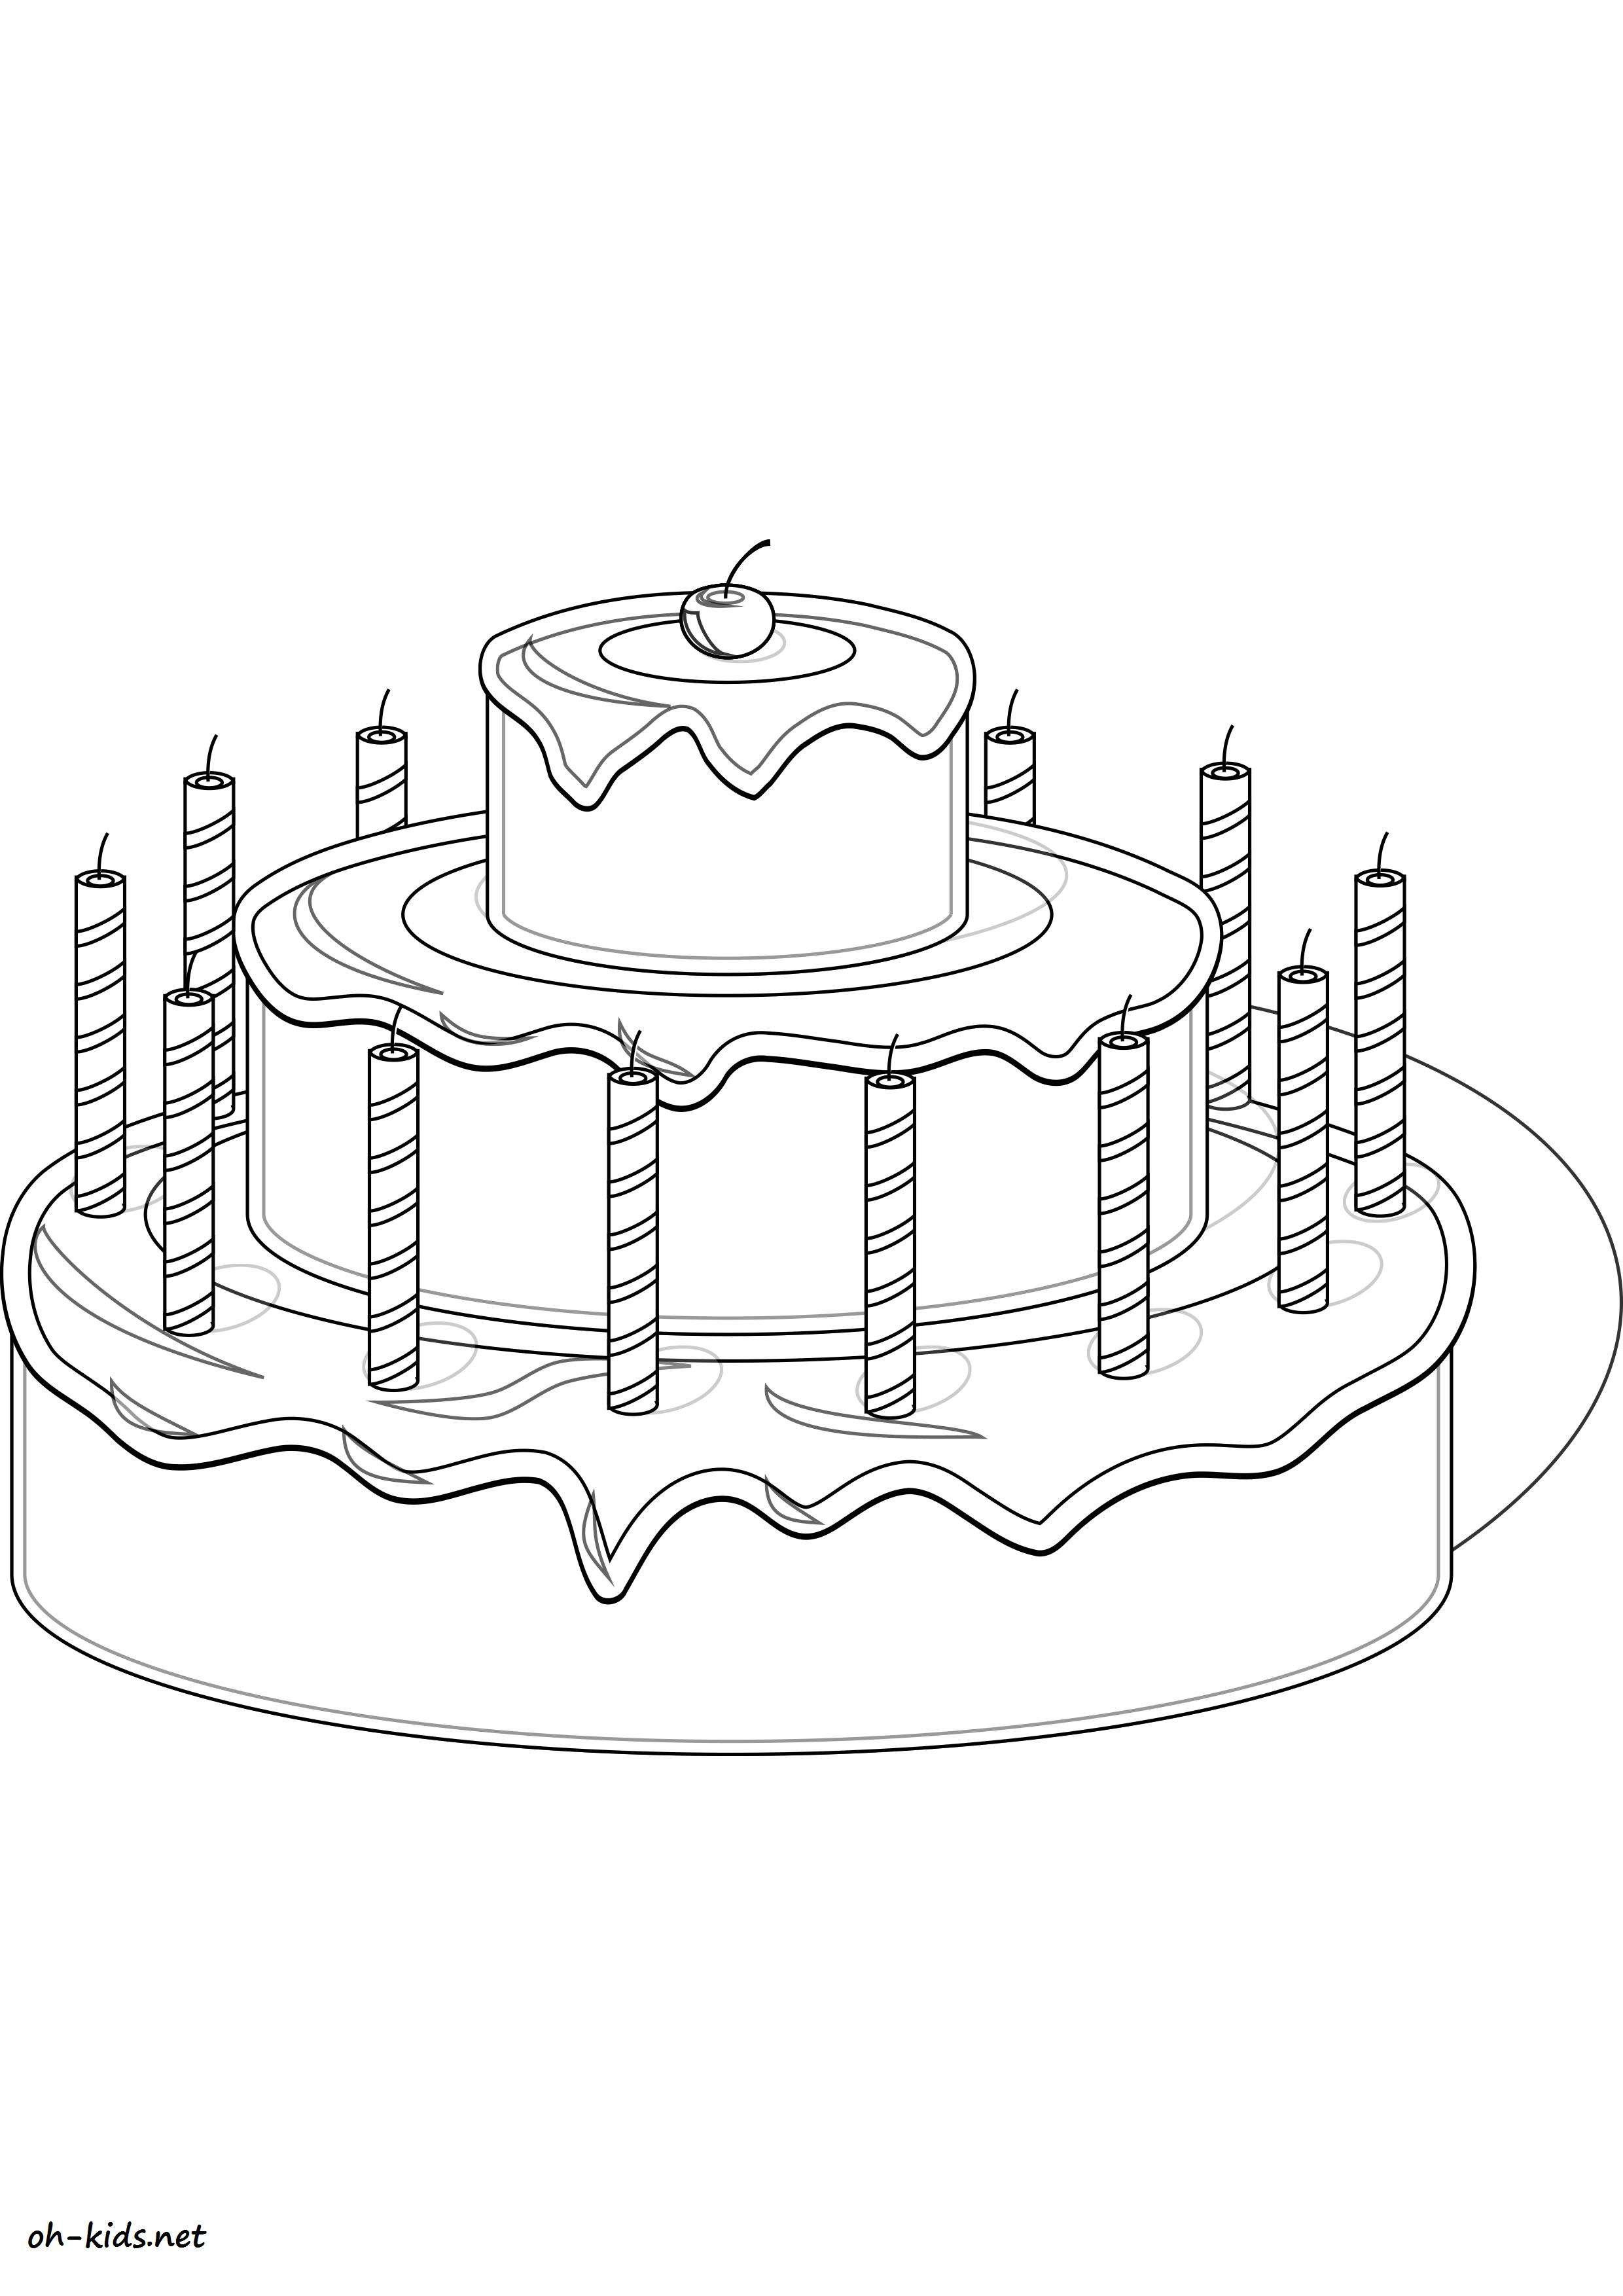 Coloriage gâteau anniversaire imprimer et colorier - Dessin #1162